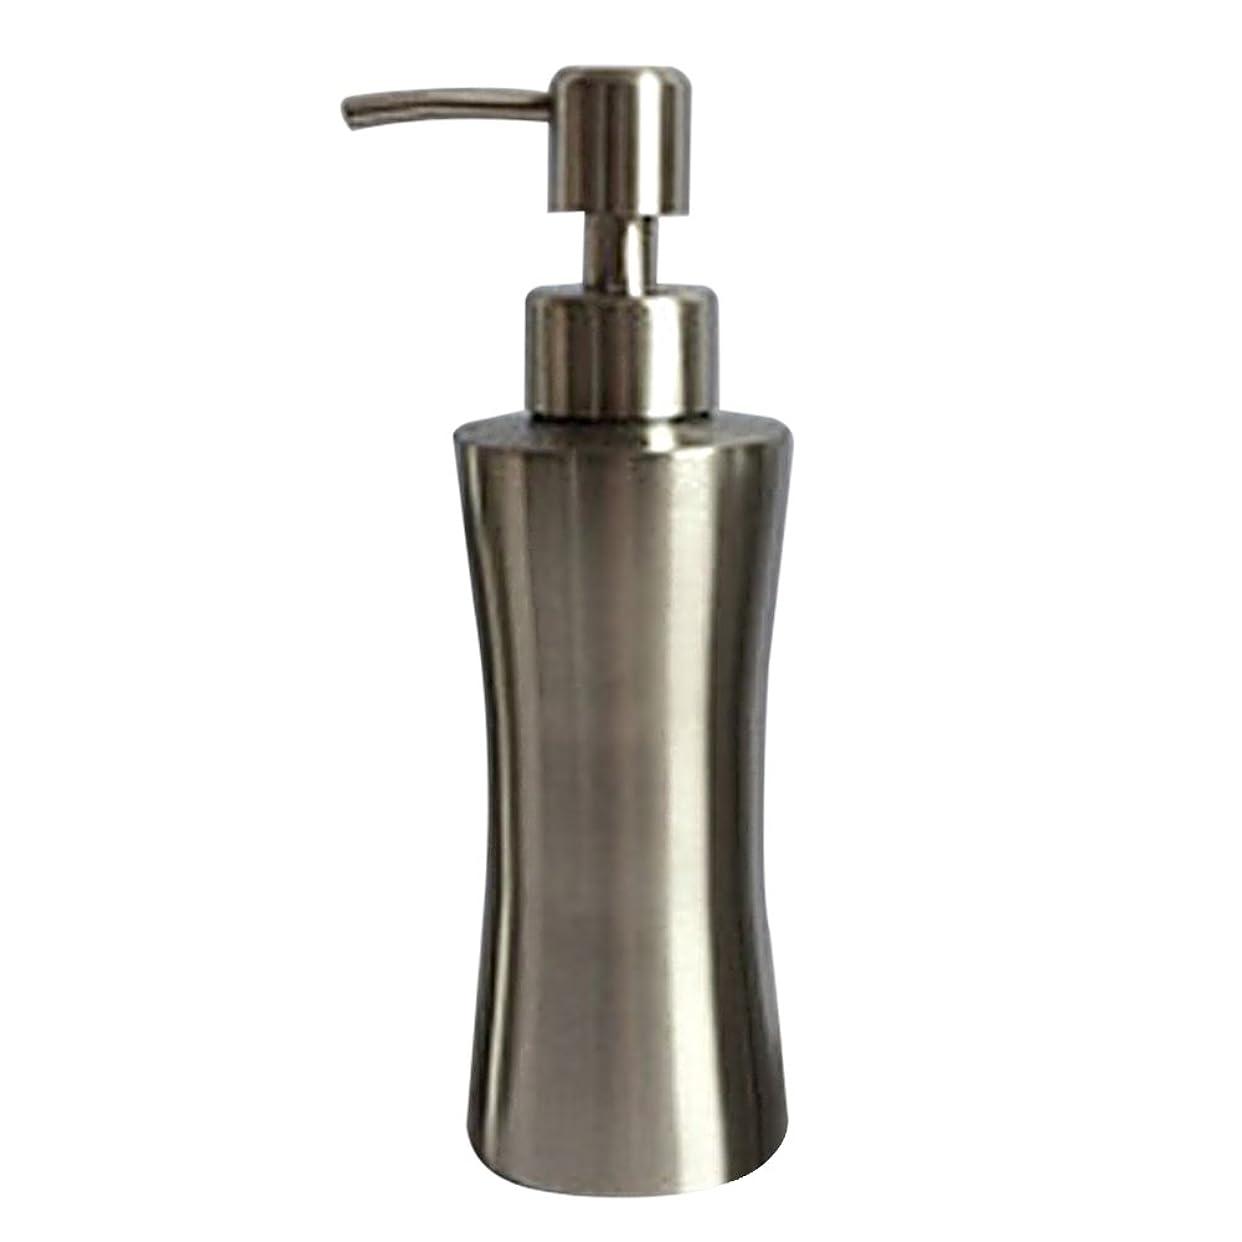 やけど吸うハシーディスペンサー ステンレス ボトル 容器 ソープ 石鹸 シャンプー 手洗いボトル 耐久性 錆びない 220ml/250ml/400ml (B:250ml)